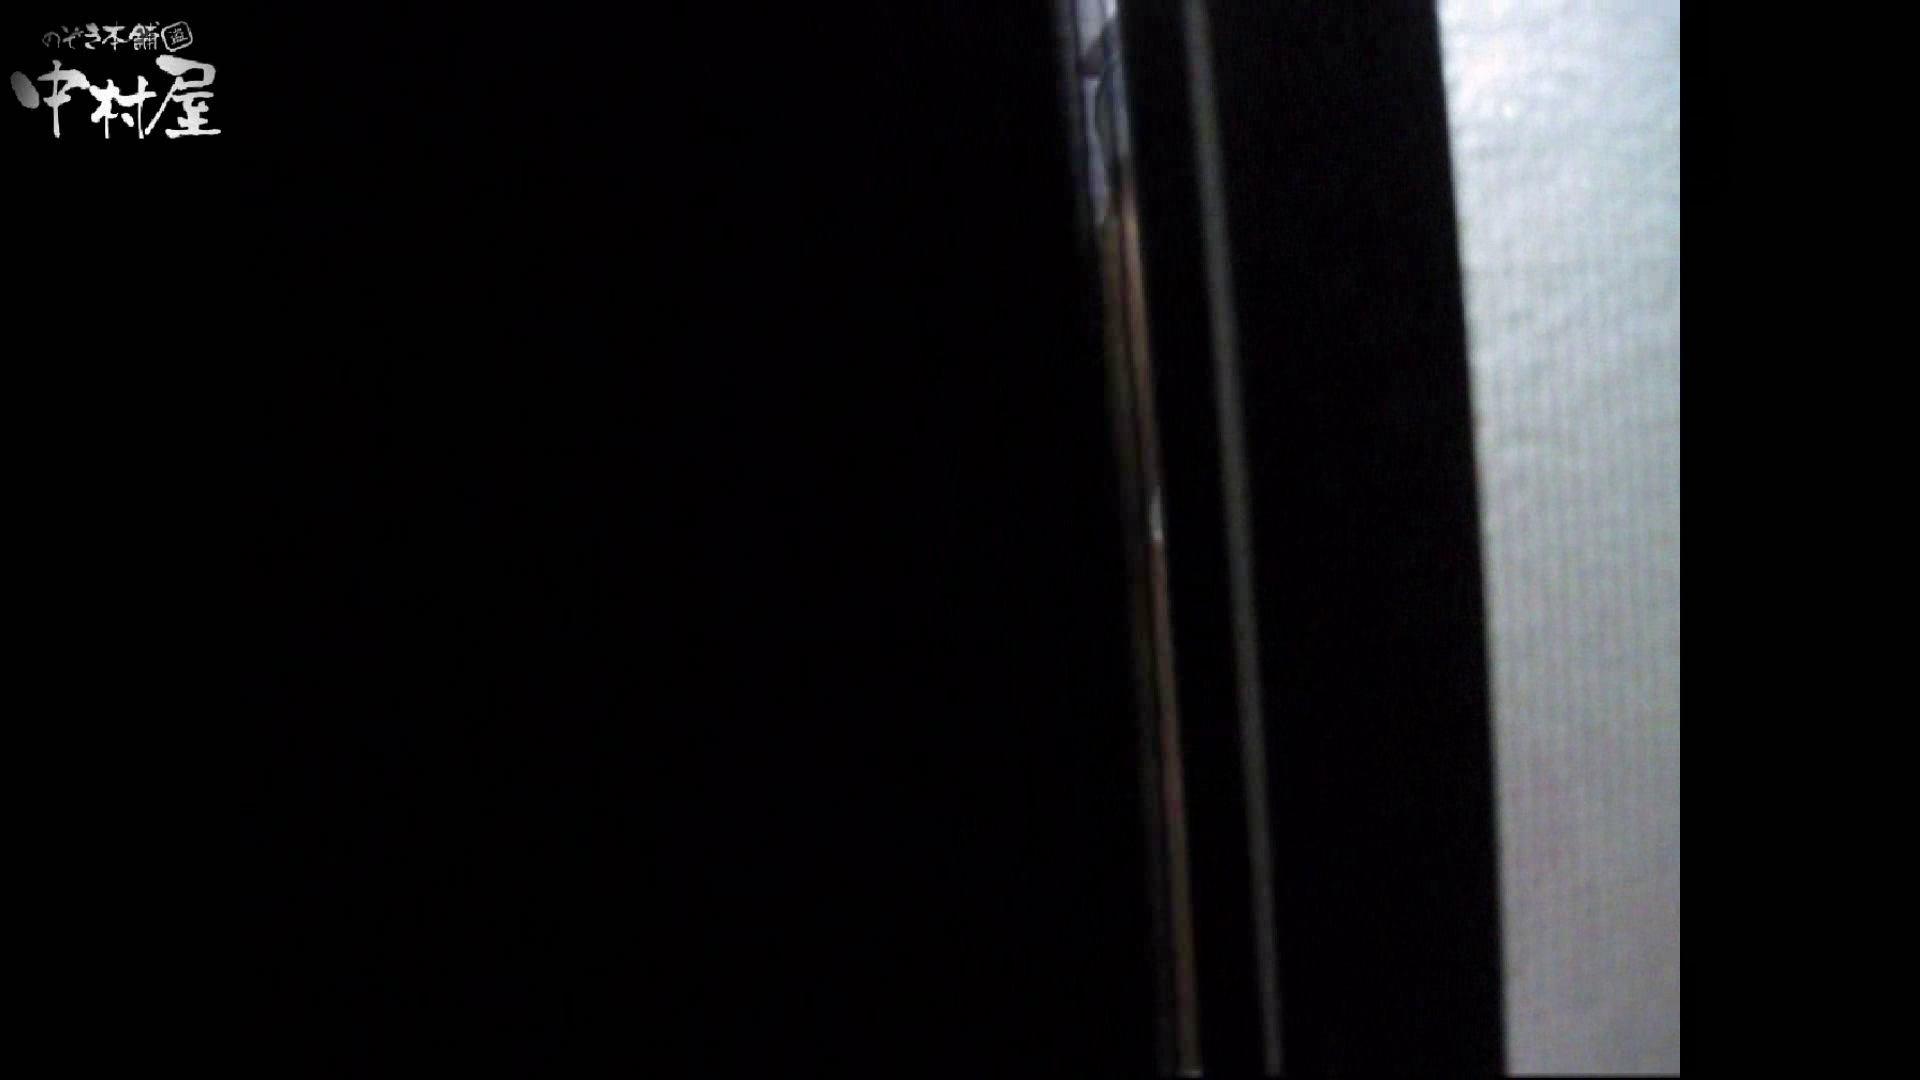 民家風呂専門盗撮師の超危険映像 vol.002 民家 SEX無修正画像 66連発 34